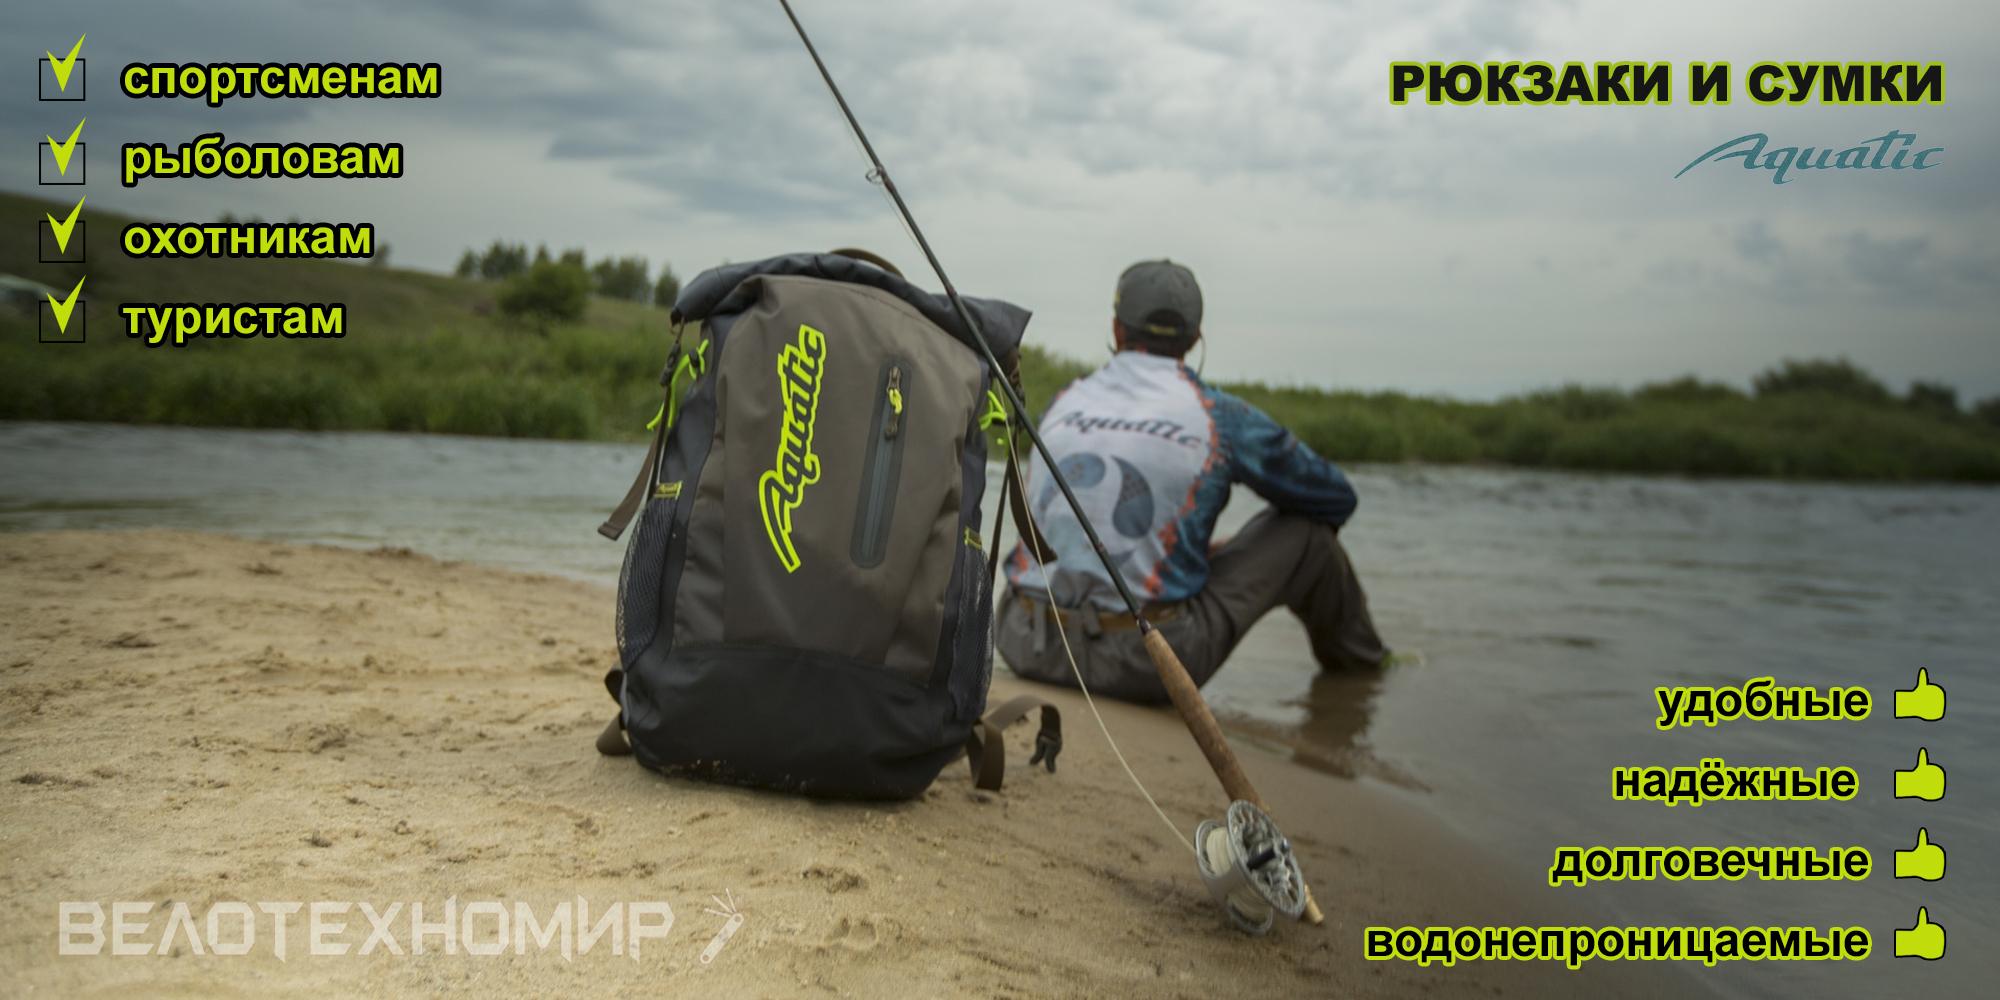 Cумки и рюкзаки Aquatic